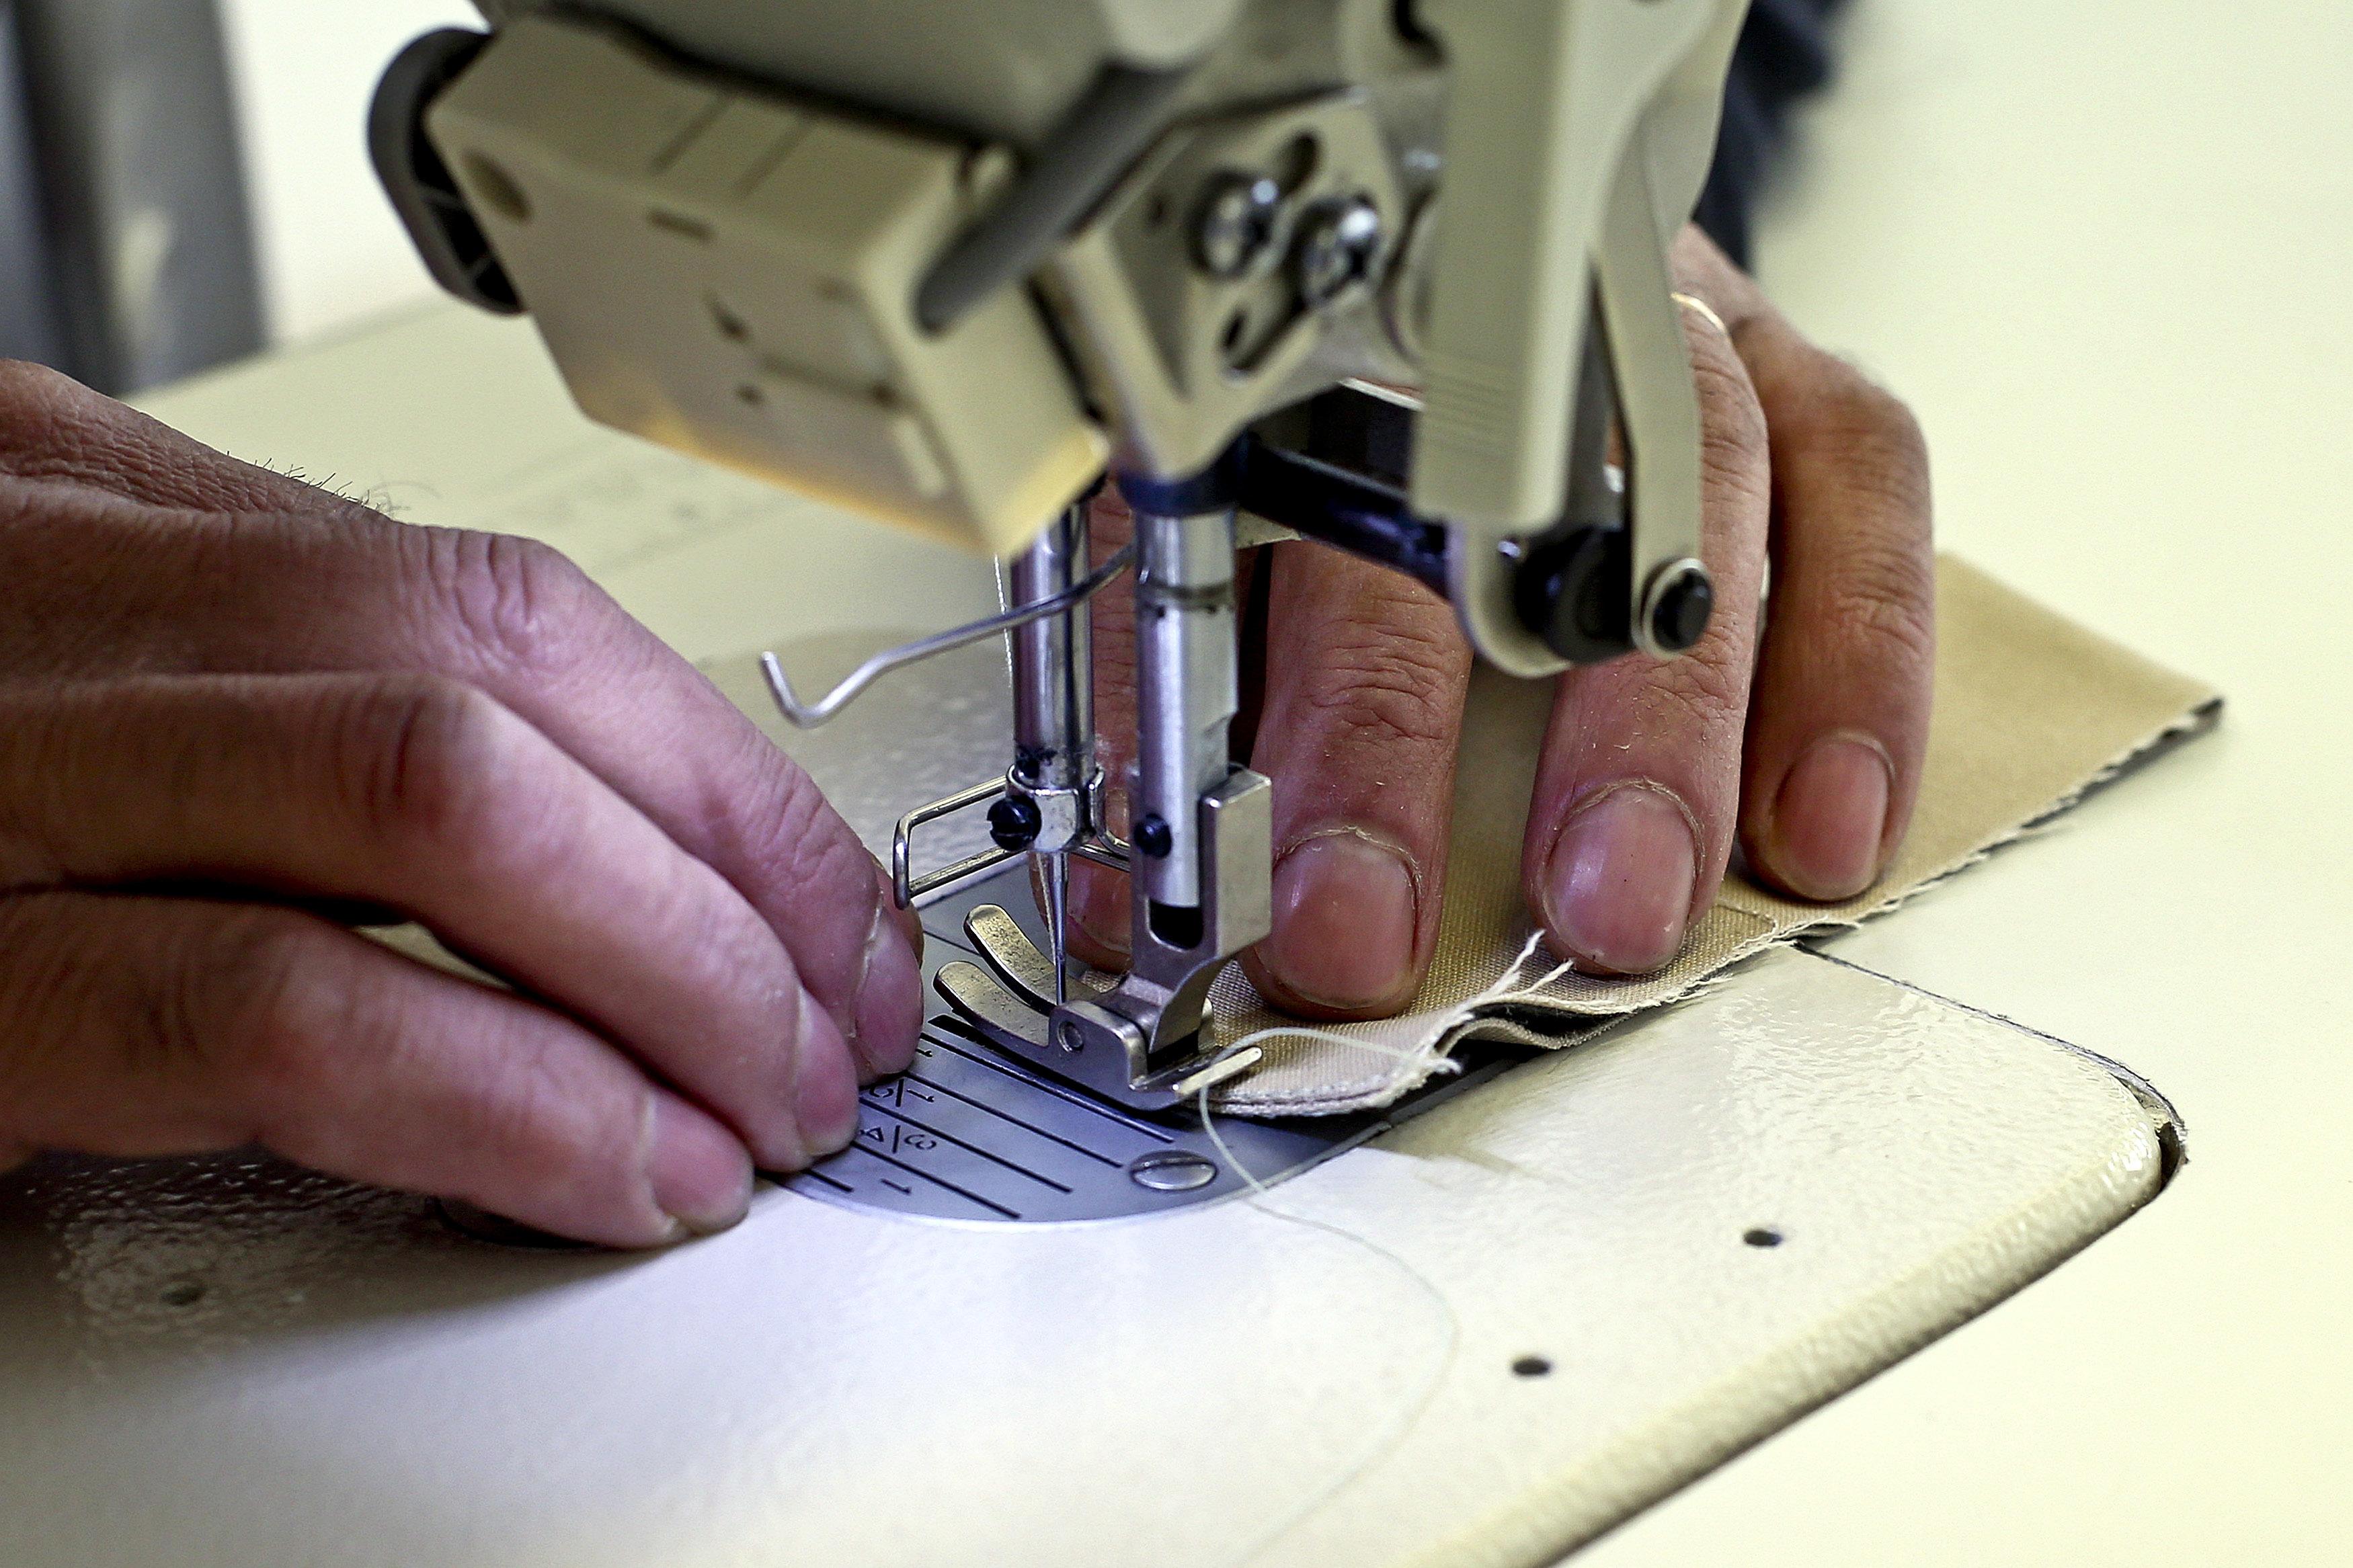 Trabalhadores do têxtil e vestuário hoje em greve por salário de 600 euros